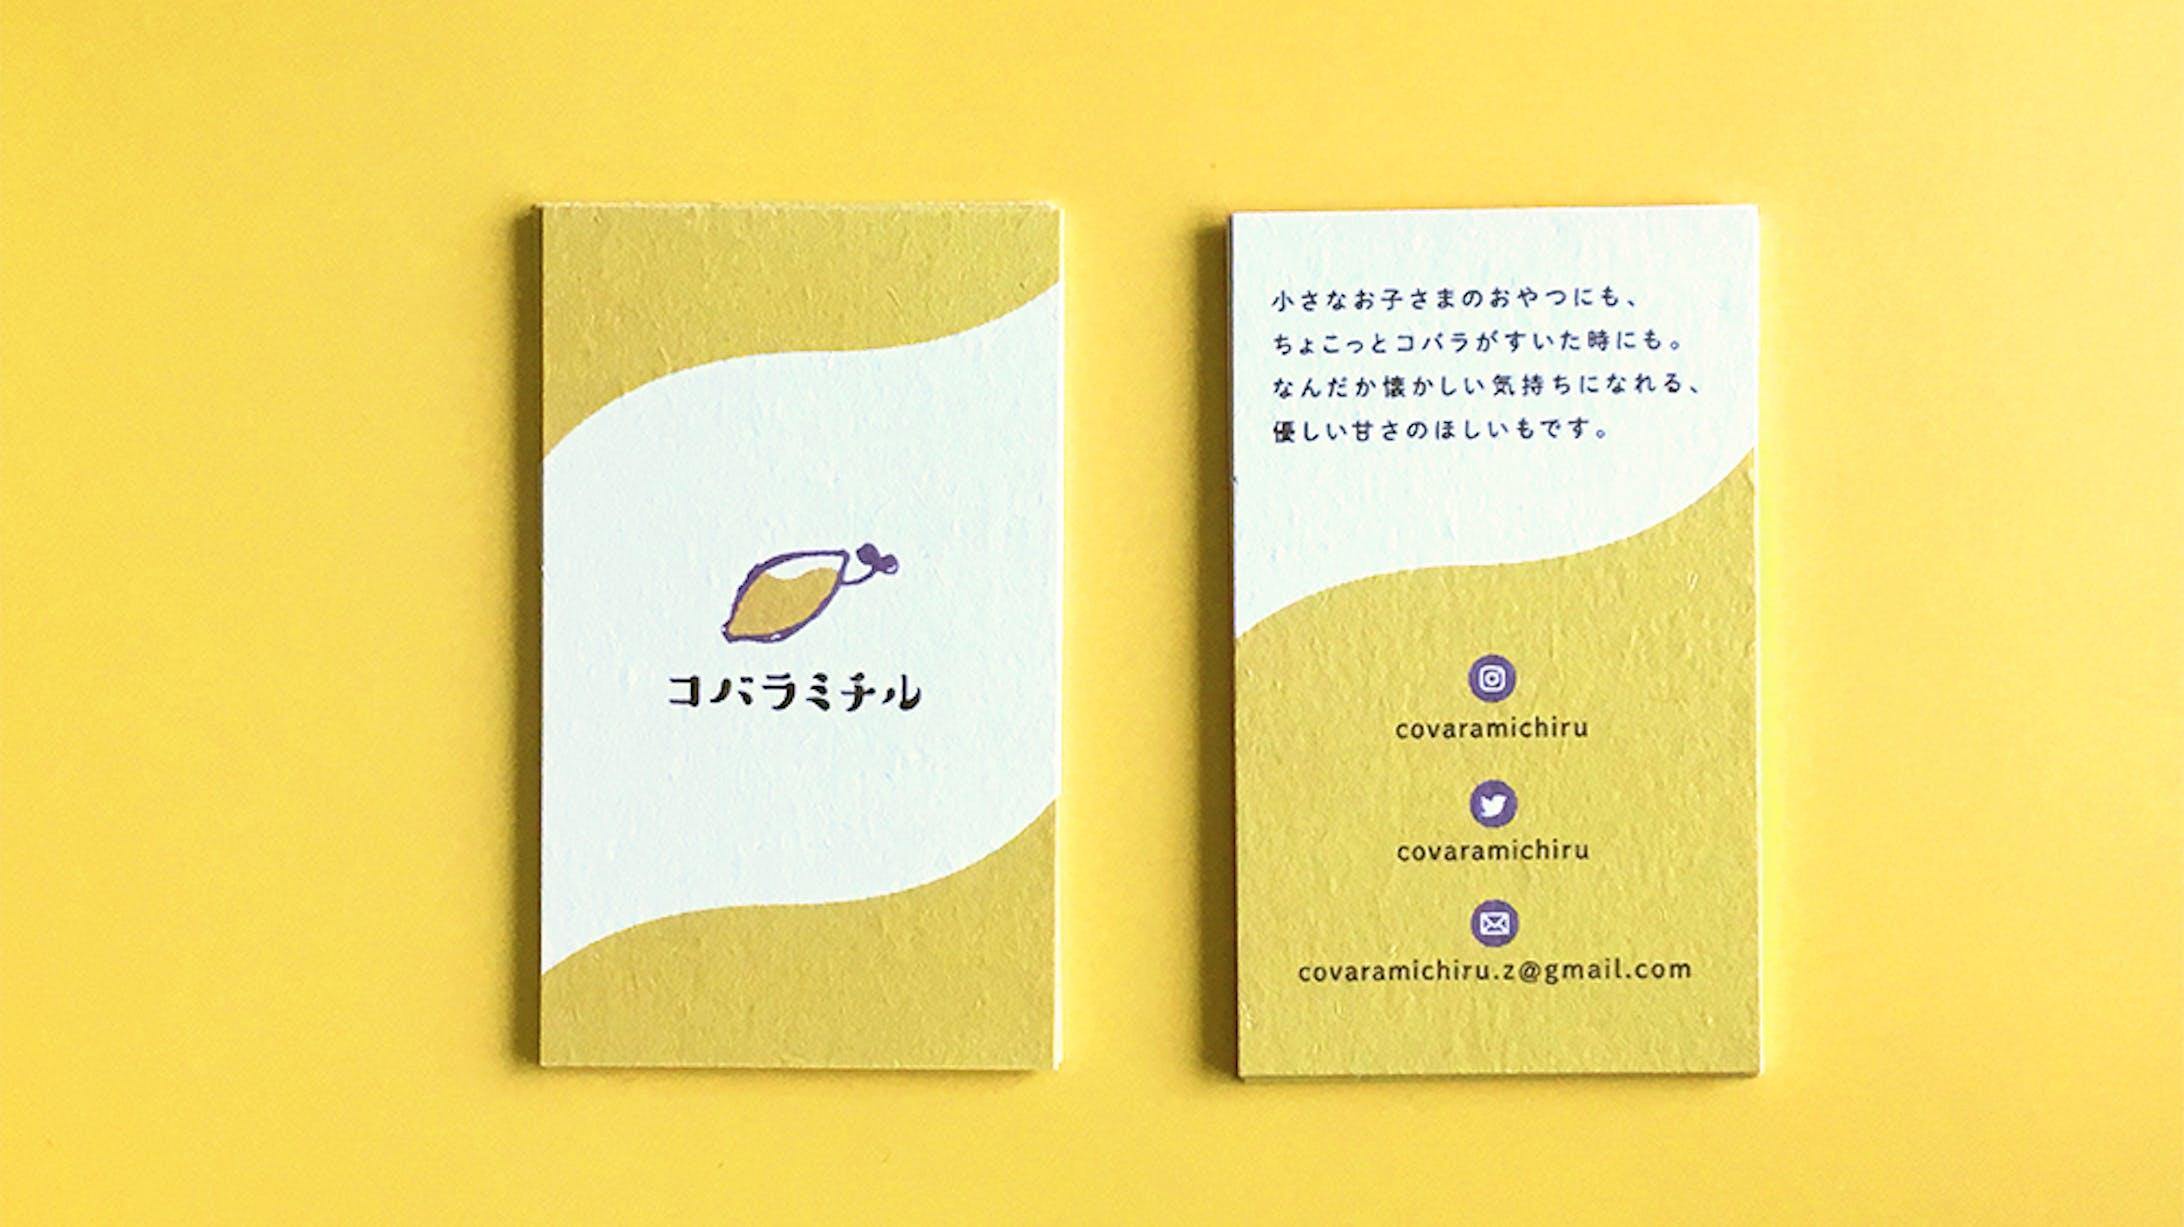 【ロゴ・名刺】コバラミチルさま-1